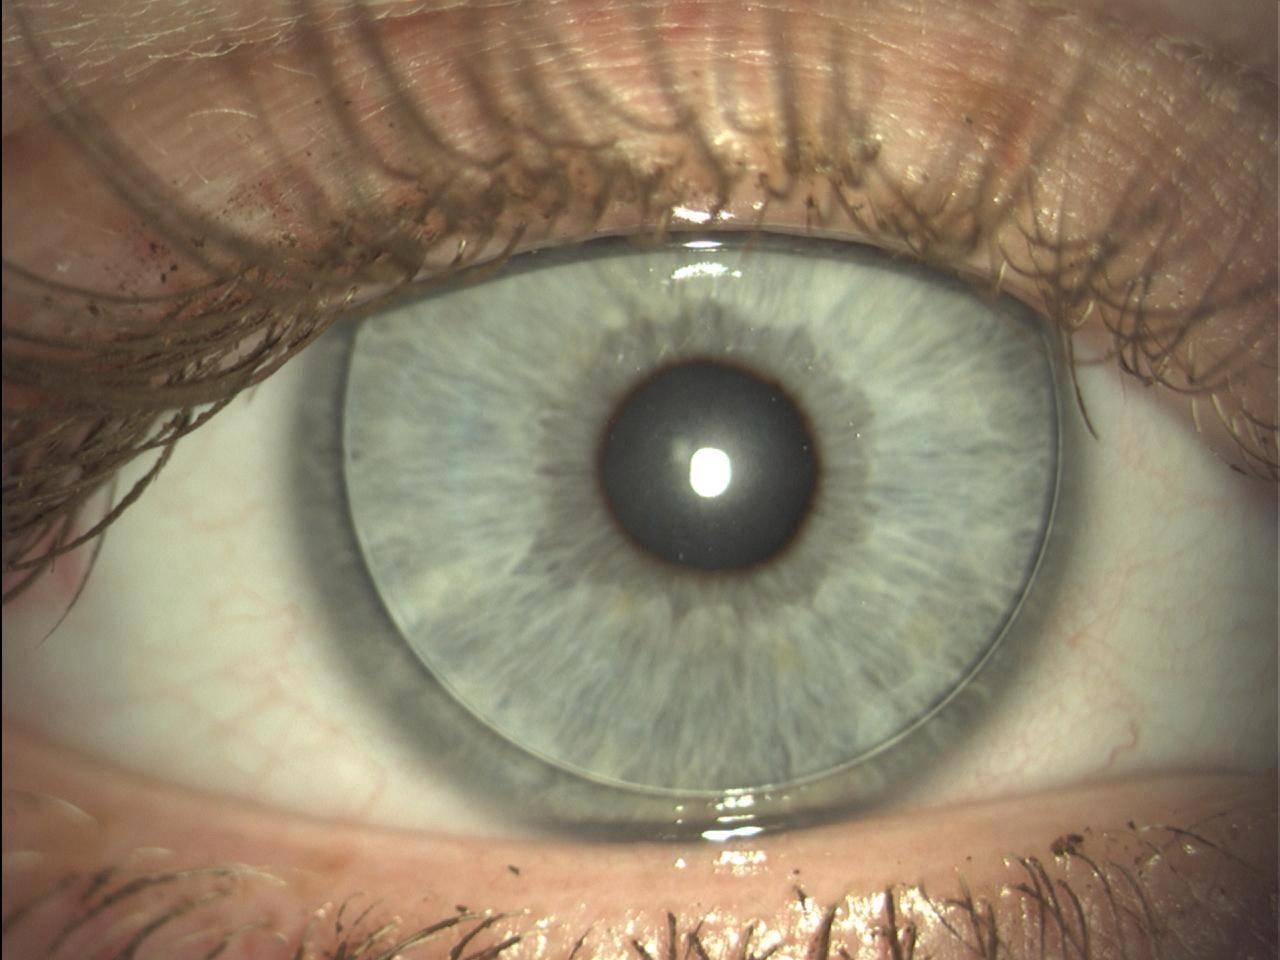 Корнеосклеральные линзы для лечения патологий глаз